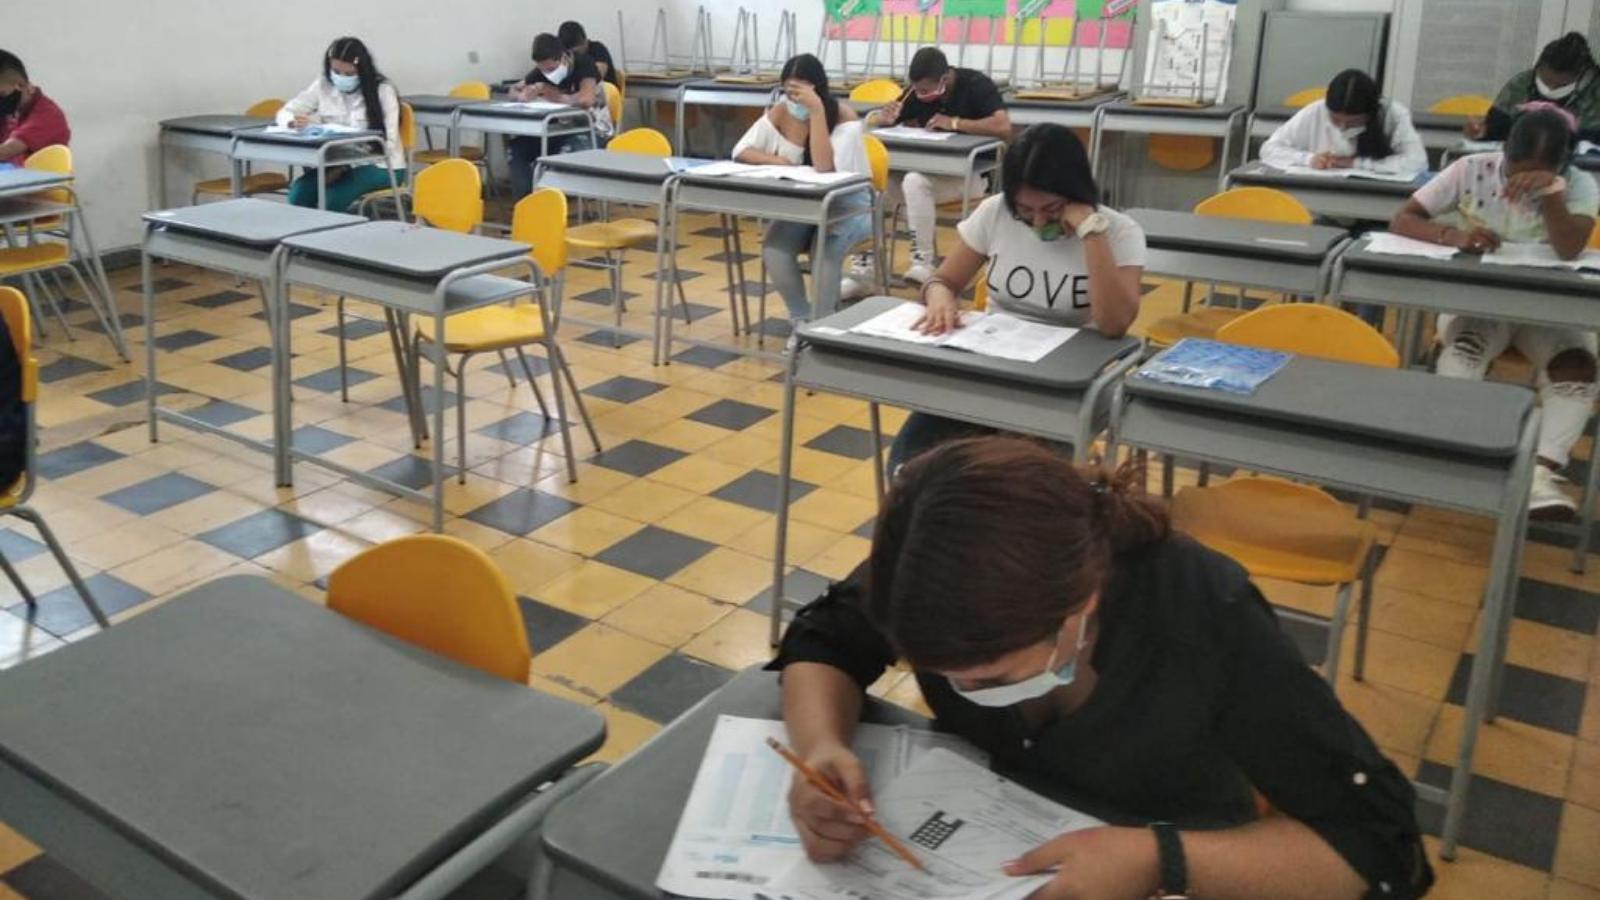 Abrirán corredor fronterizo para 177 estudiantes venezolanos